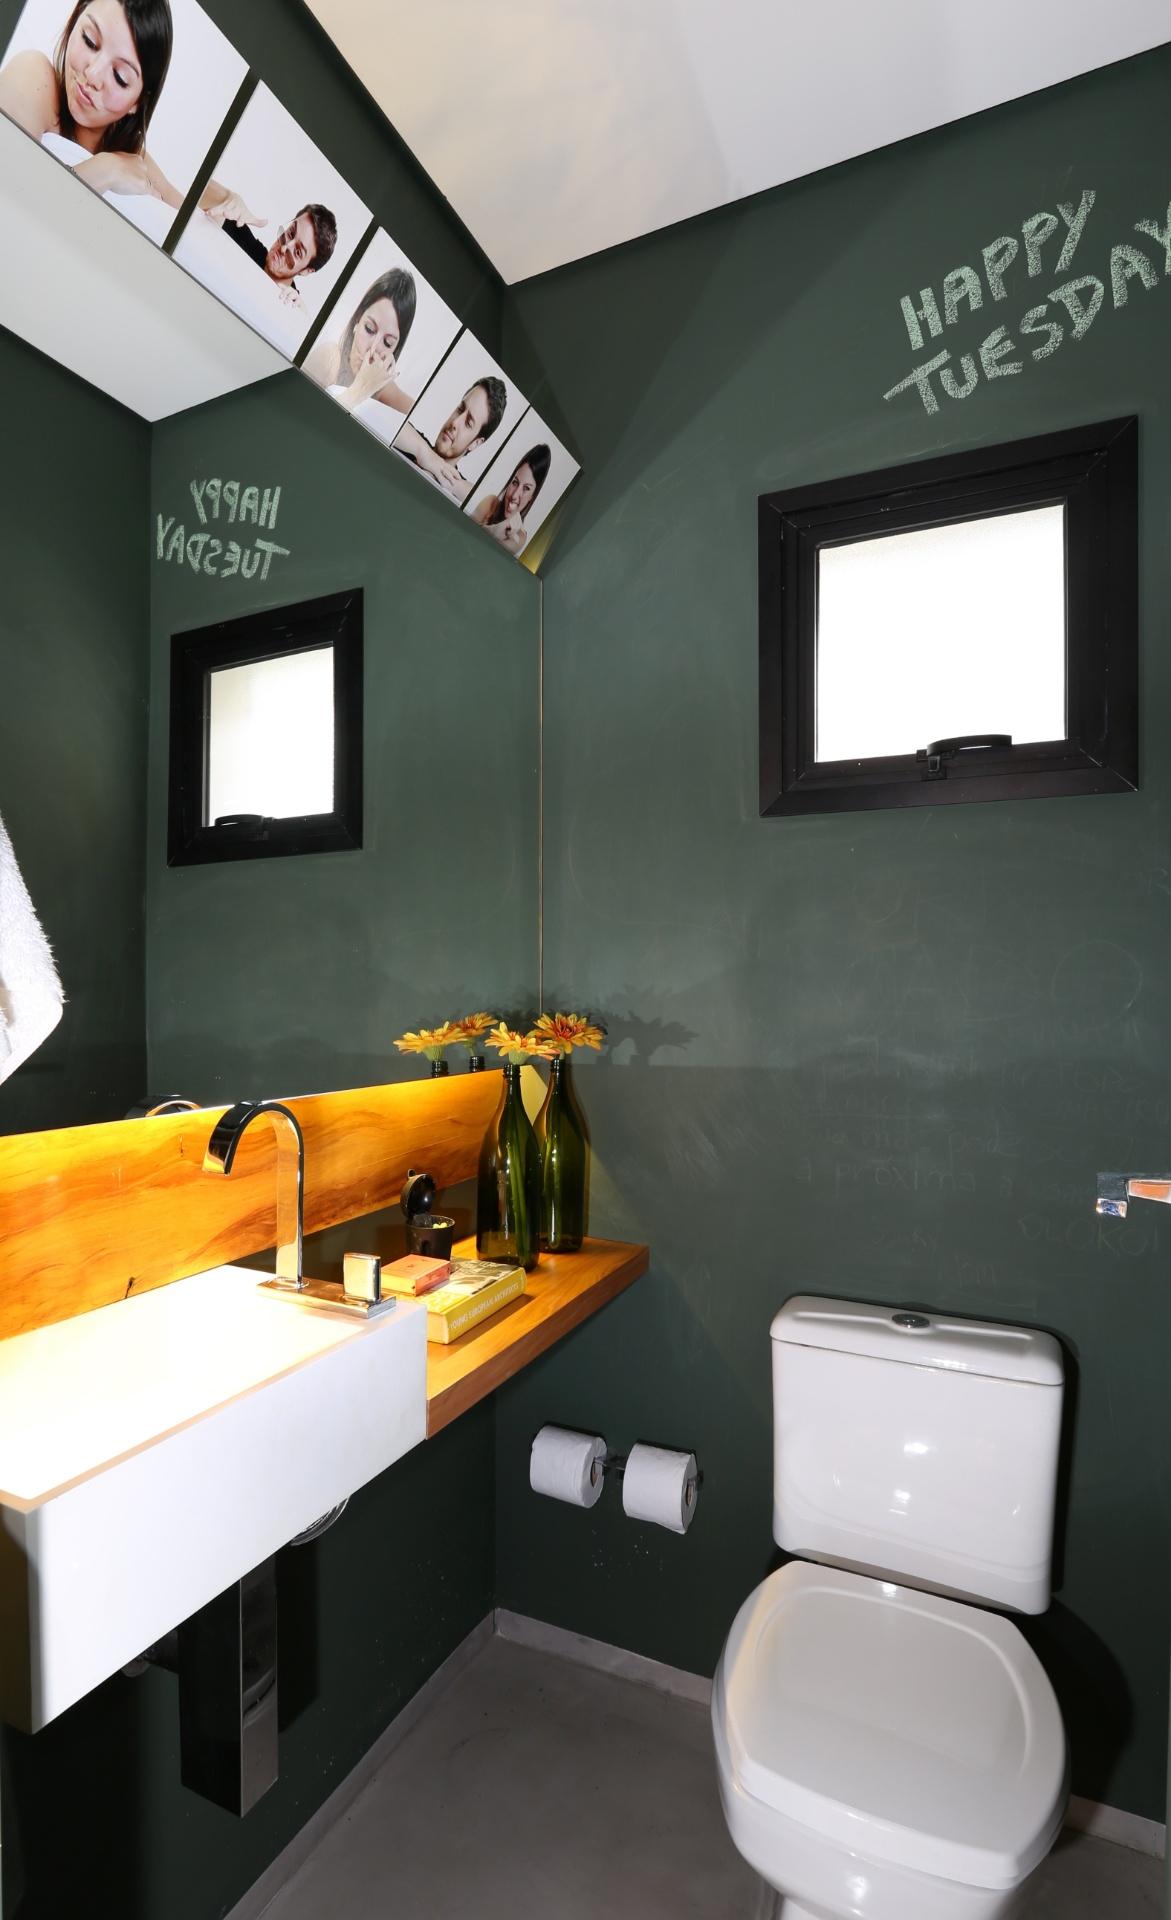 Banheiros: sugestões para decoração tendo muito ou pouco espaço  #C89203 1171x1920 Bancada Banheiro Resina